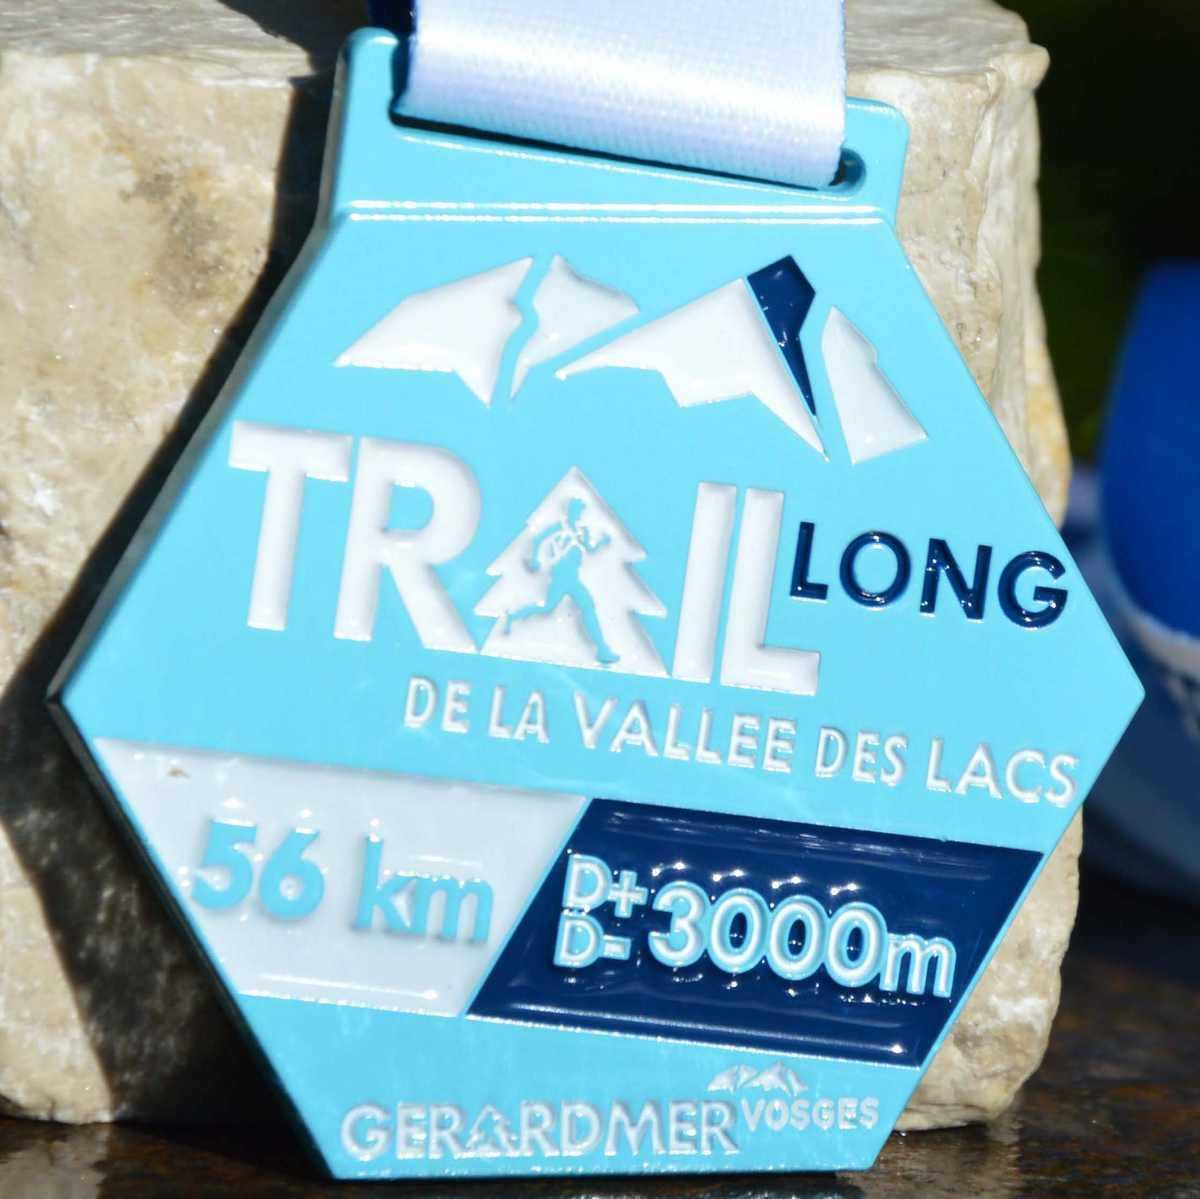 Médaille couleur bleu hexagonale confectionnée pour le trail lond de la vallée des lacsde Gerardmer